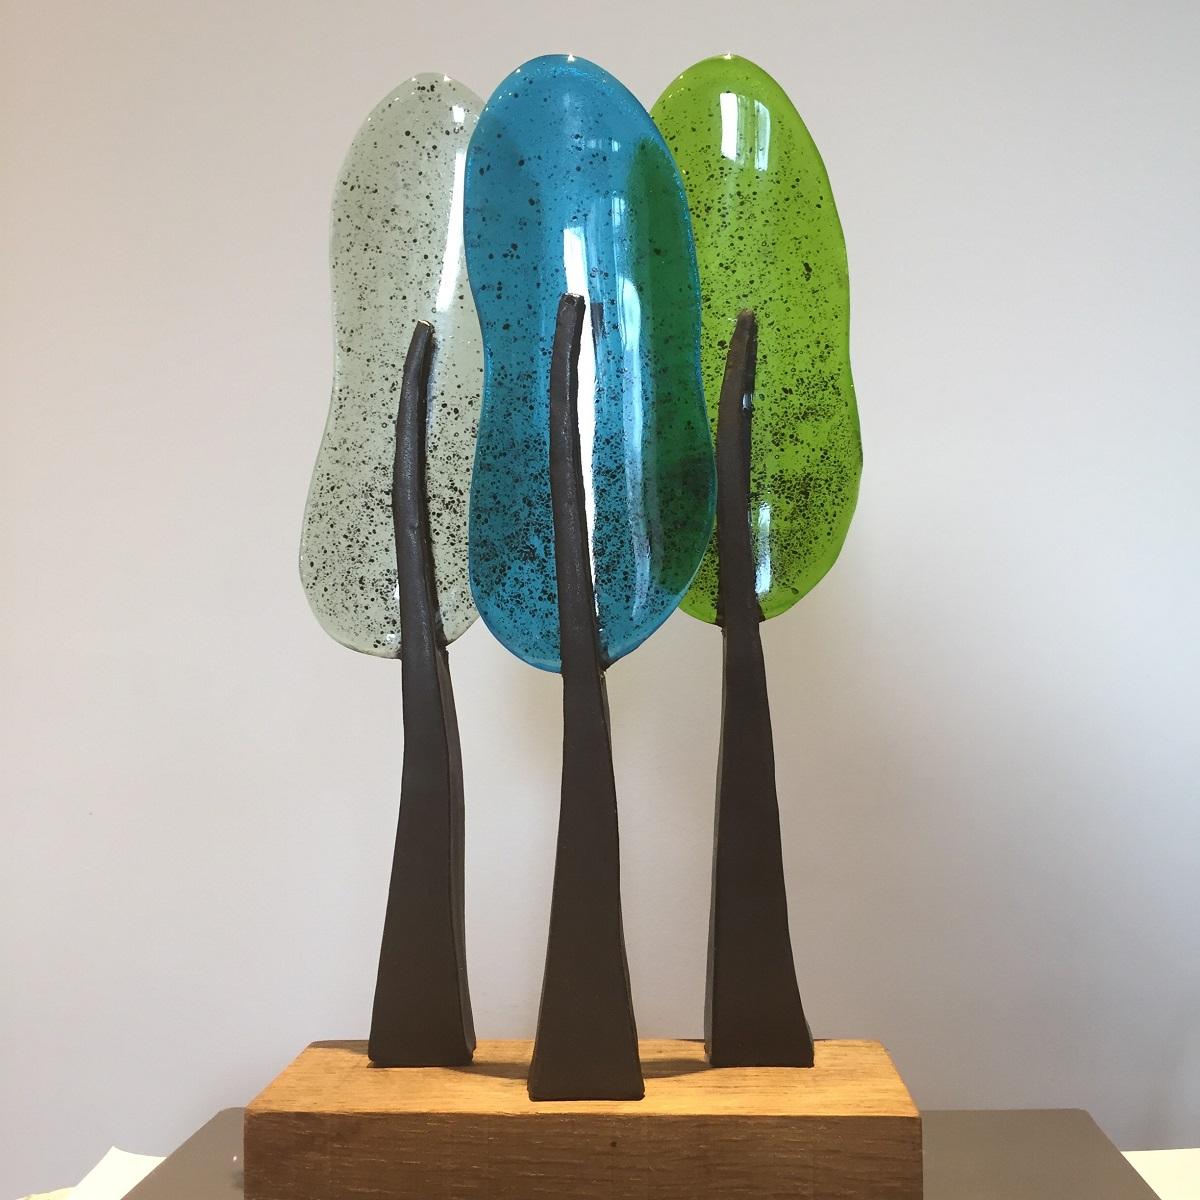 Bomen 3 aqua - Maureen Heijdemann - Glasvaardig